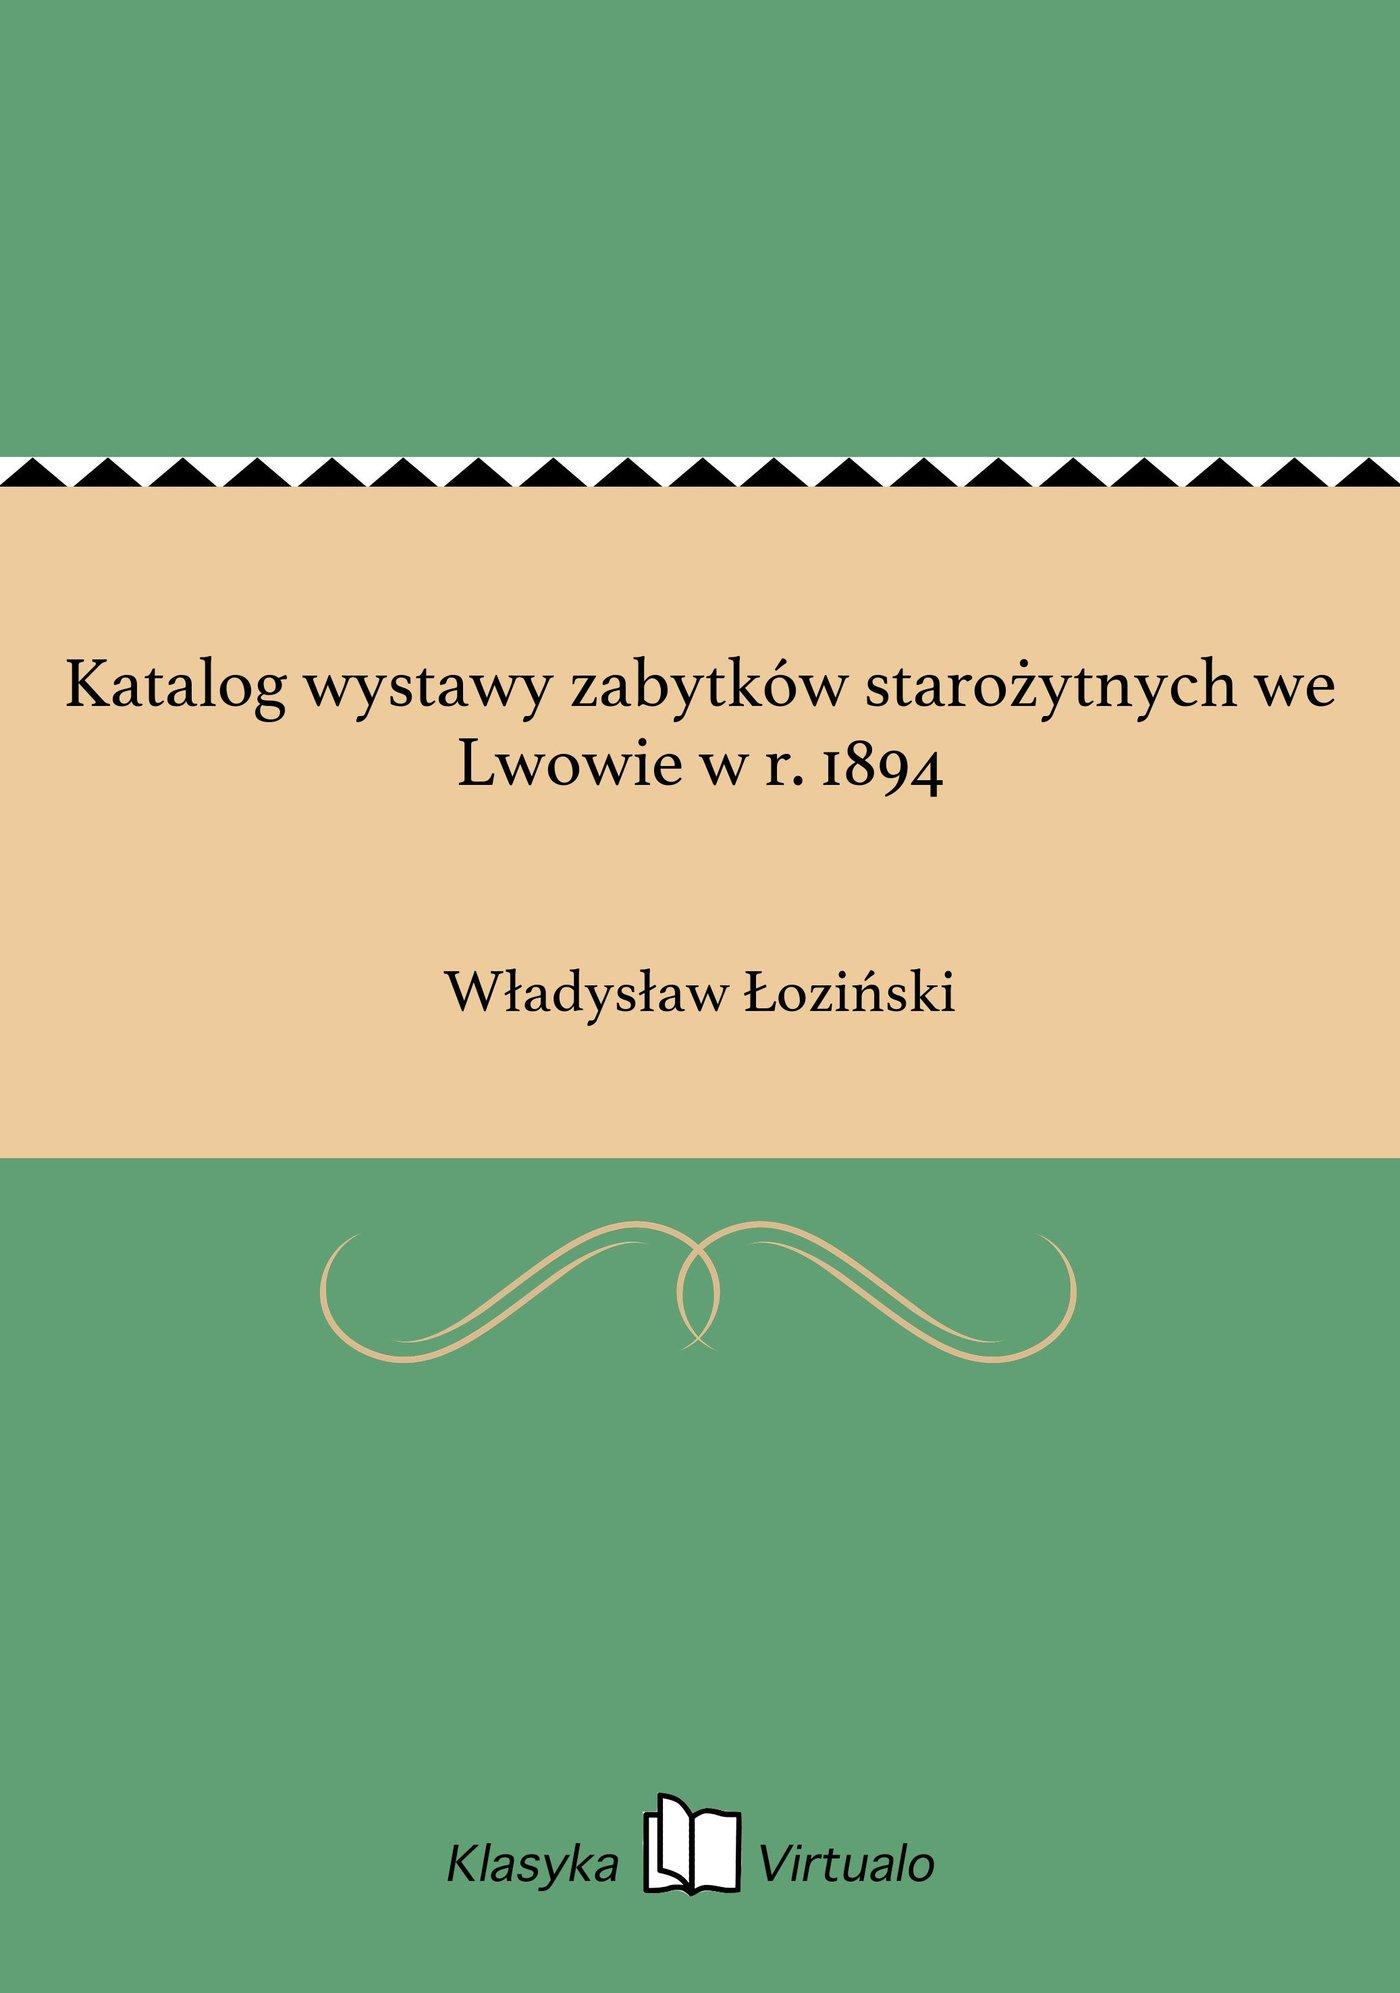 Katalog wystawy zabytków starożytnych we Lwowie w r. 1894 - Ebook (Książka na Kindle) do pobrania w formacie MOBI